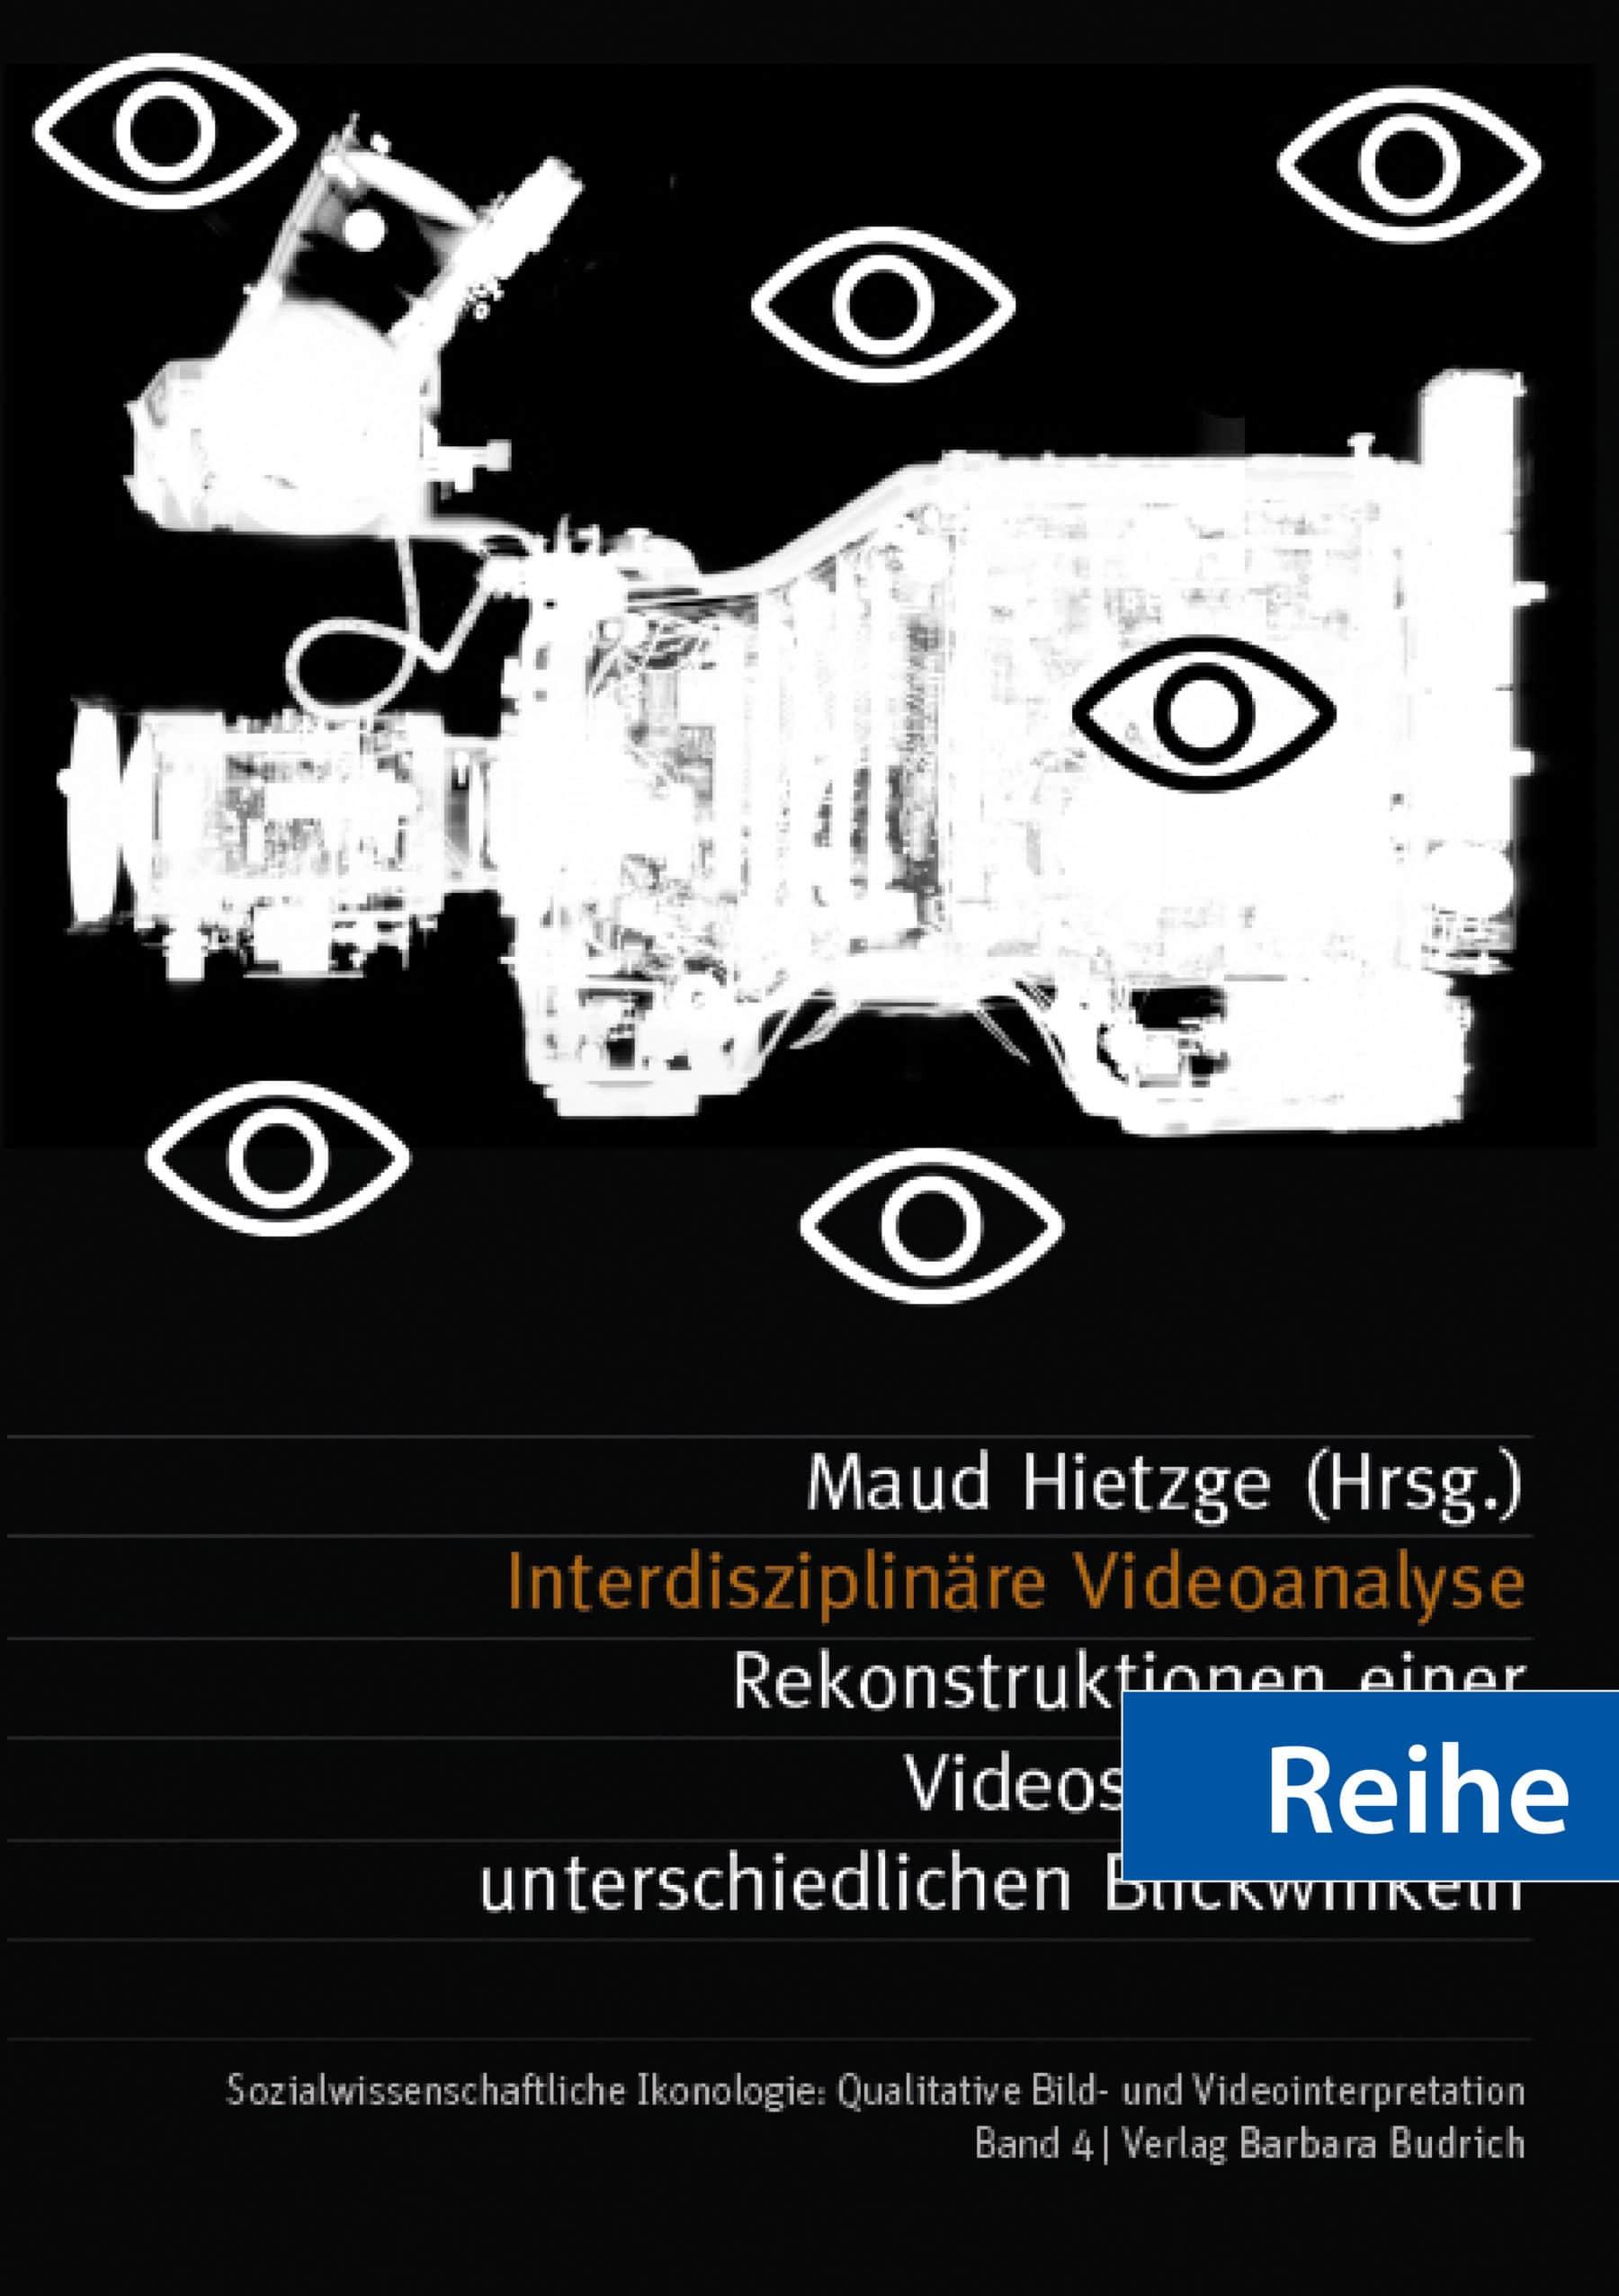 Reihe – Sozialwissenschaftliche Ikonologie: Qualitative Bild- und Videointerpretation